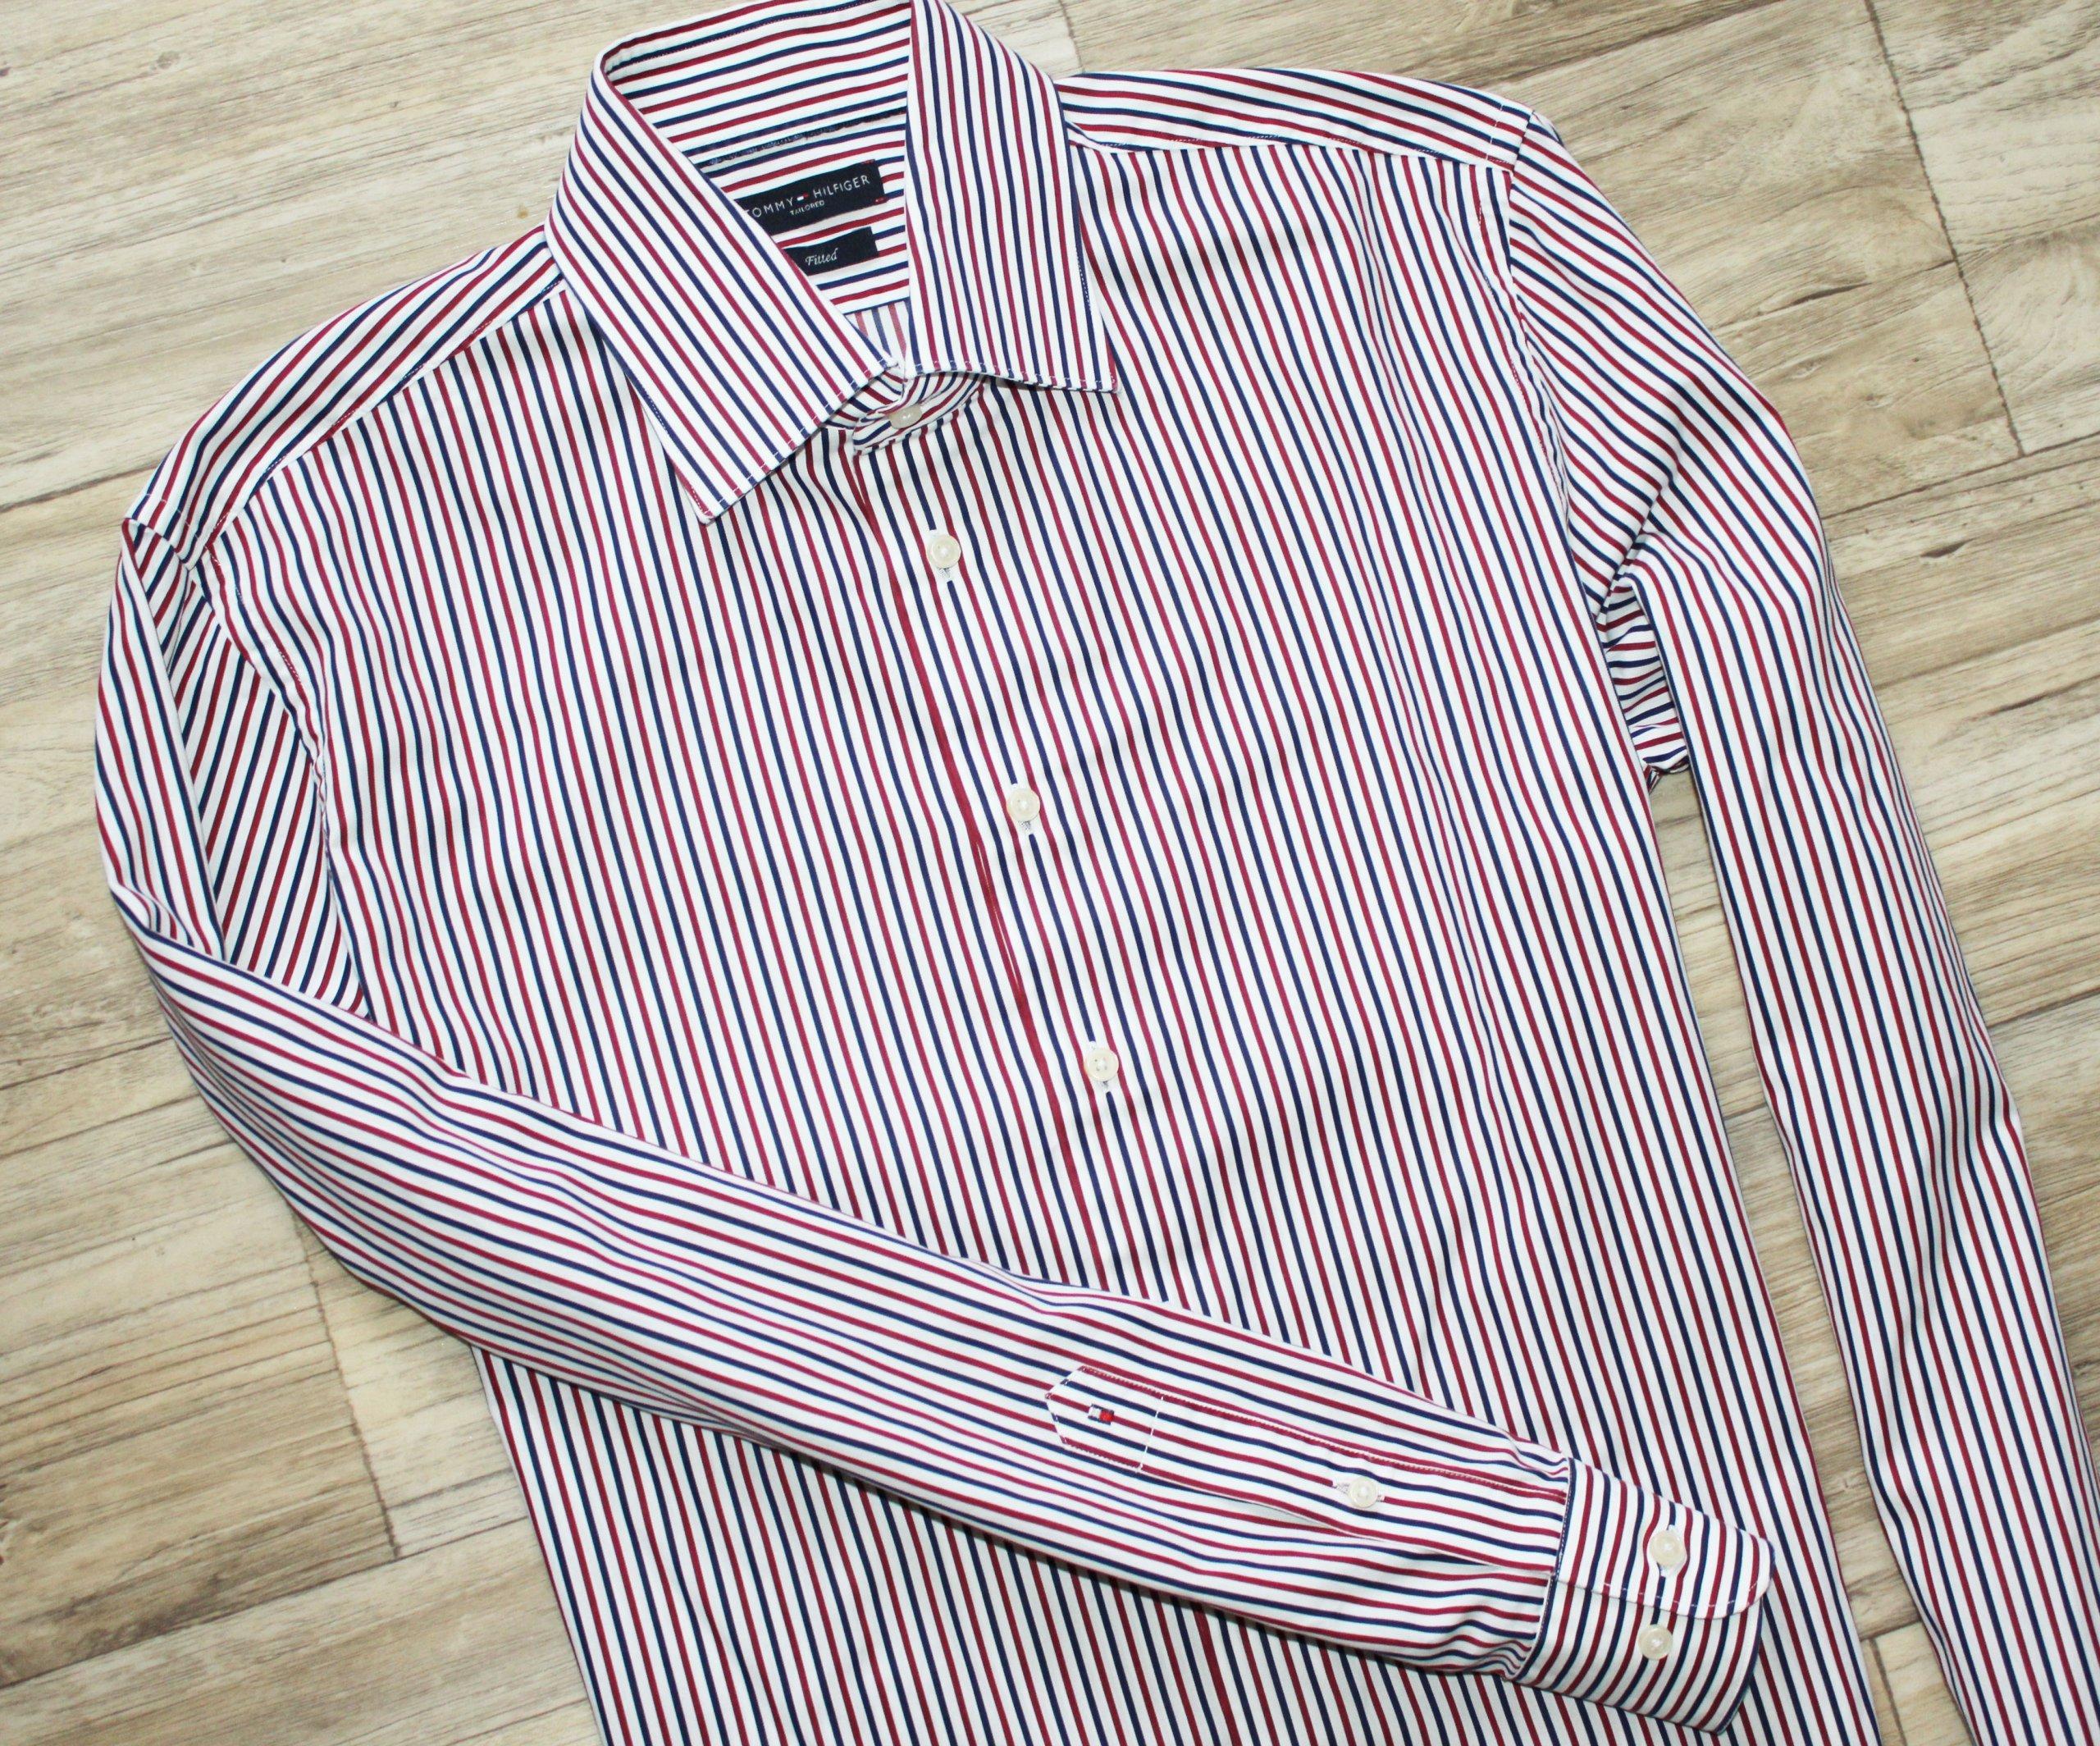 Koszula Tommy Hilfiger bdb 40 L fitted